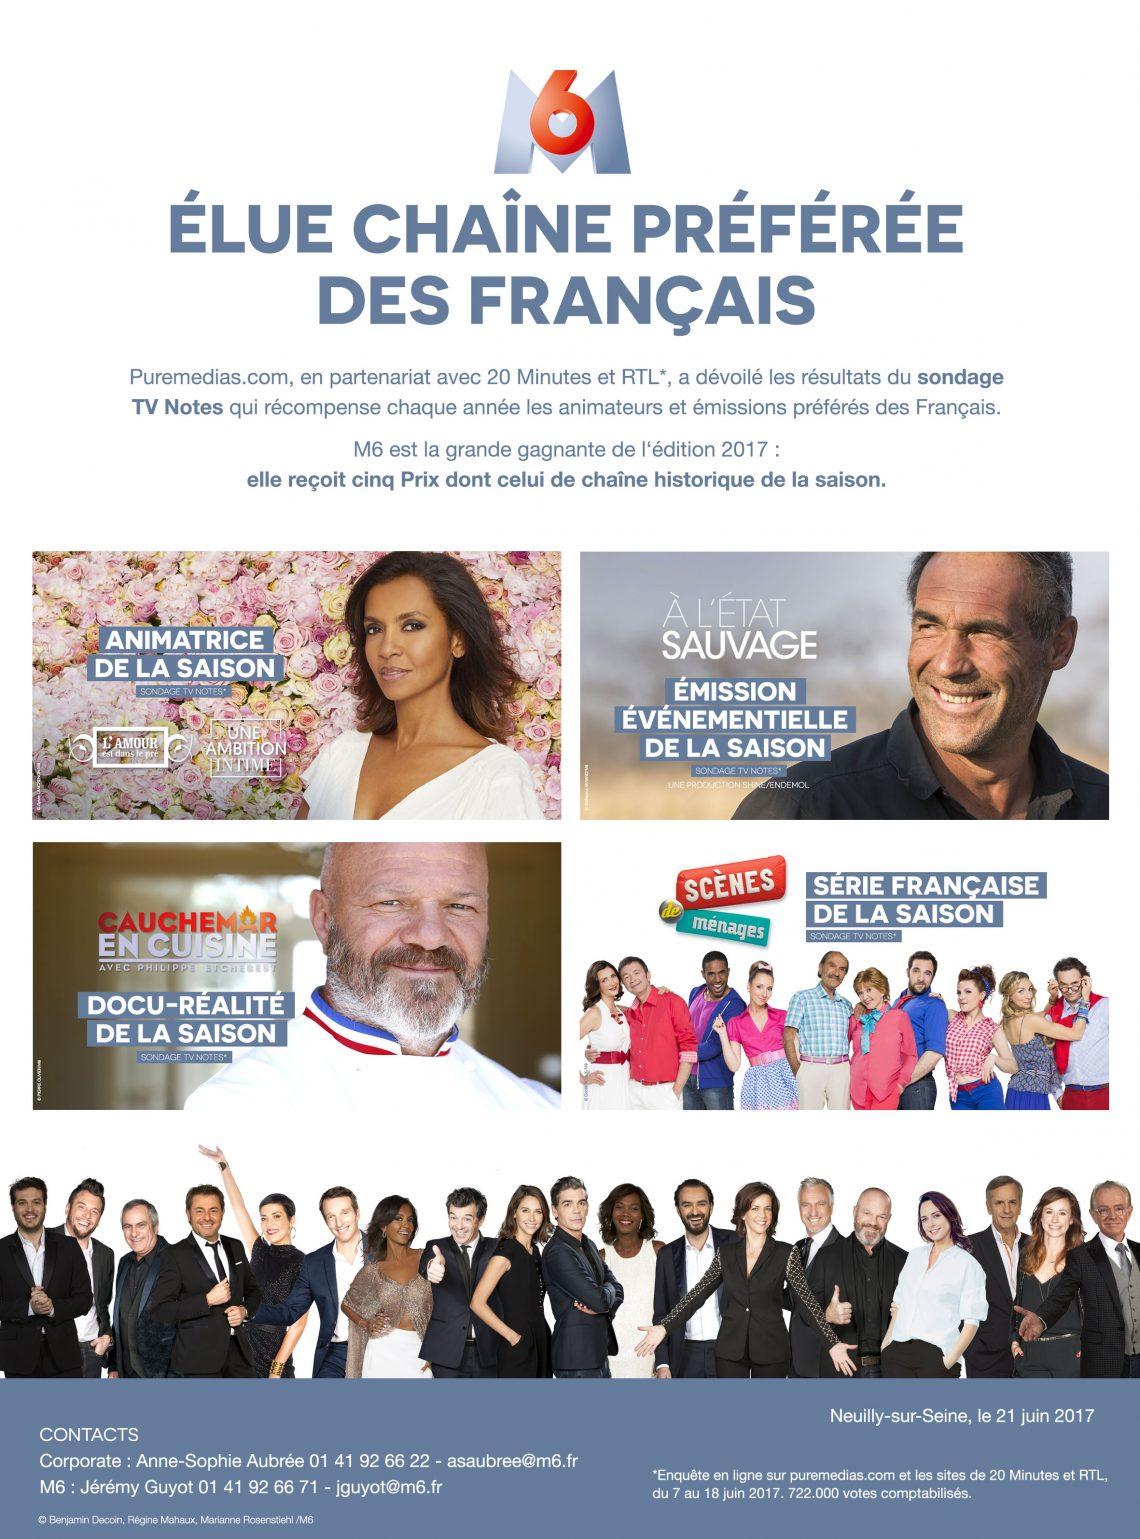 M6, élue chaîne préférée des Français, sondage TV Notes 2017